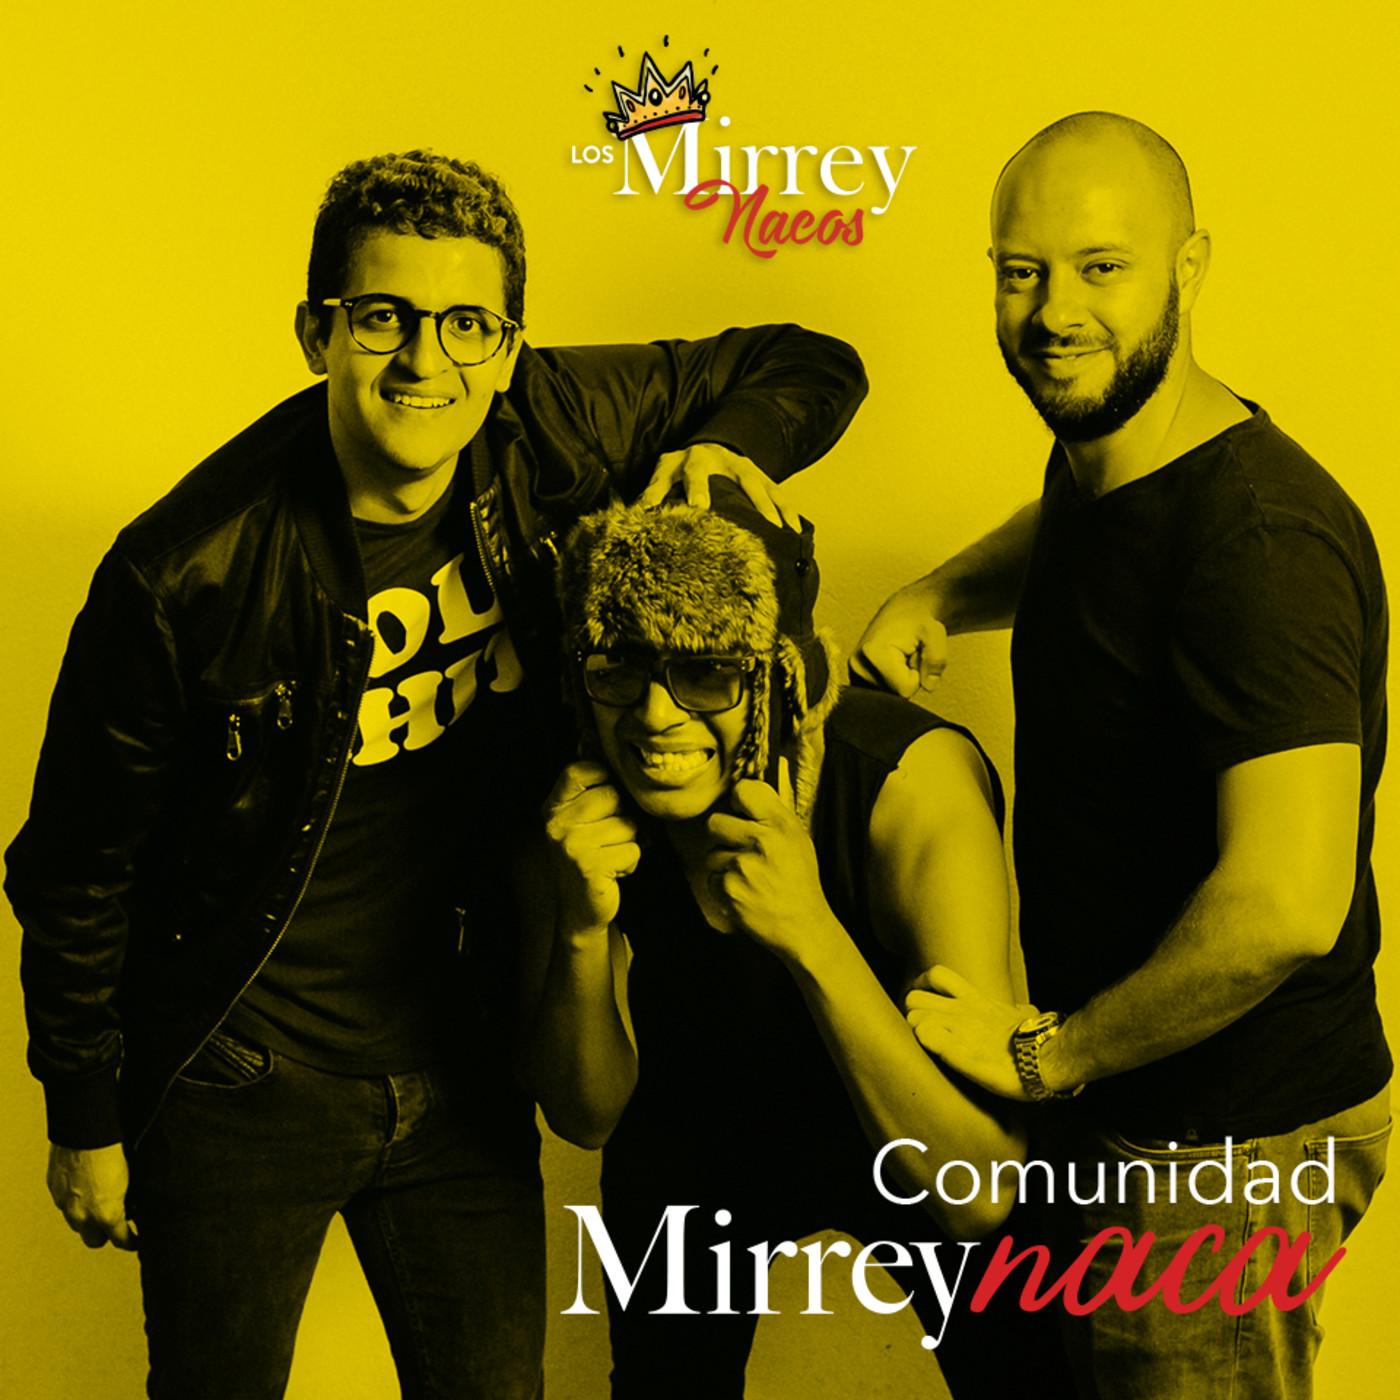 Los MirreyNacos